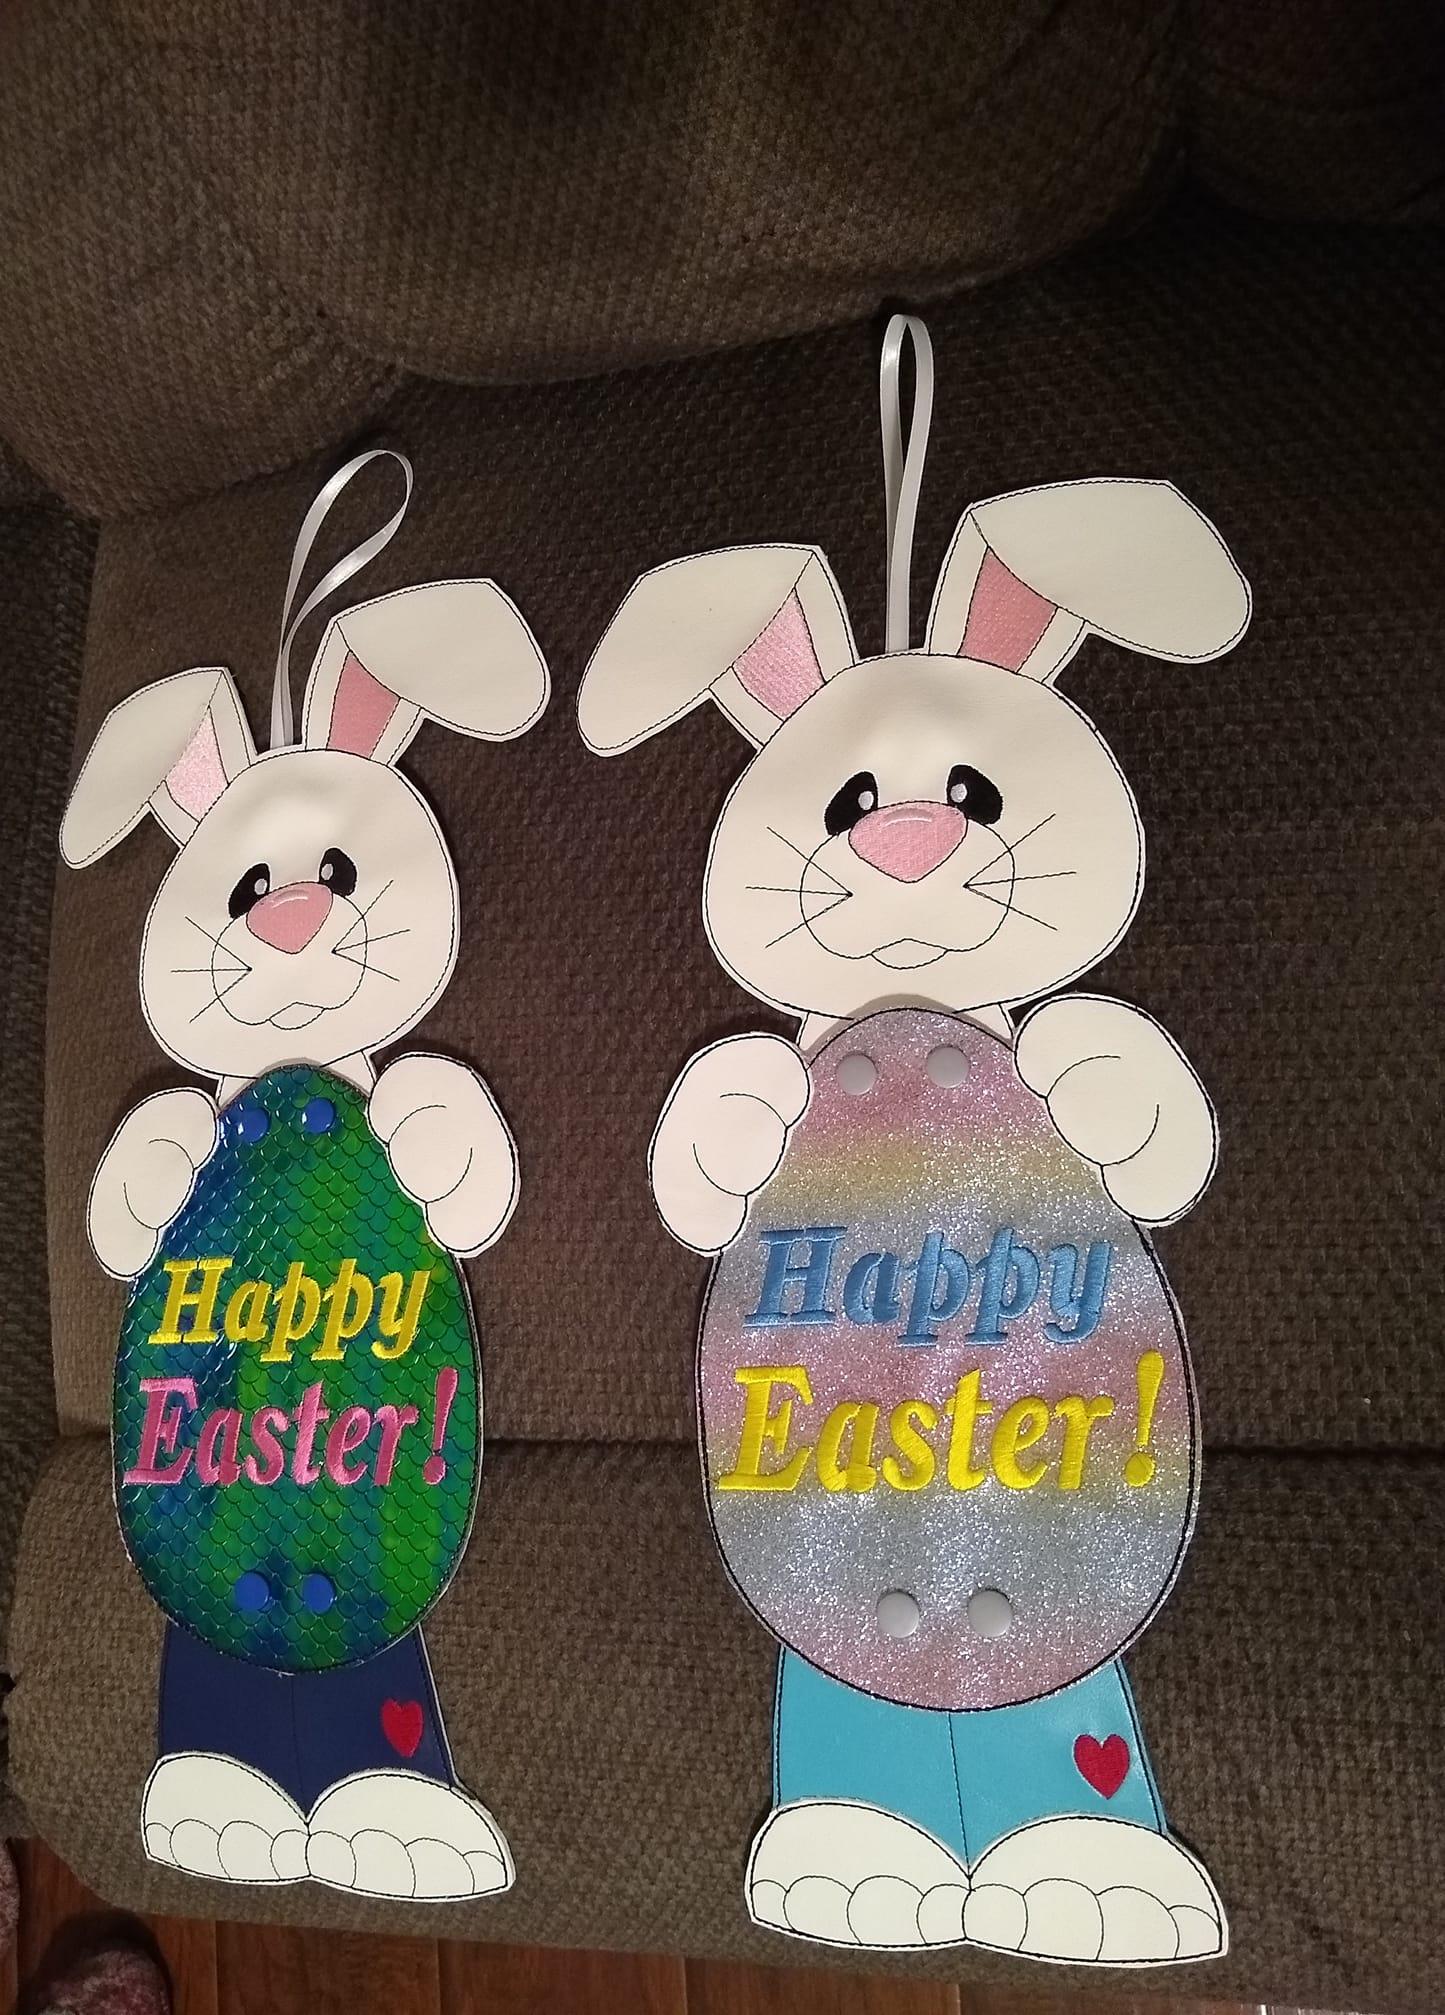 bunny-signs.jpg